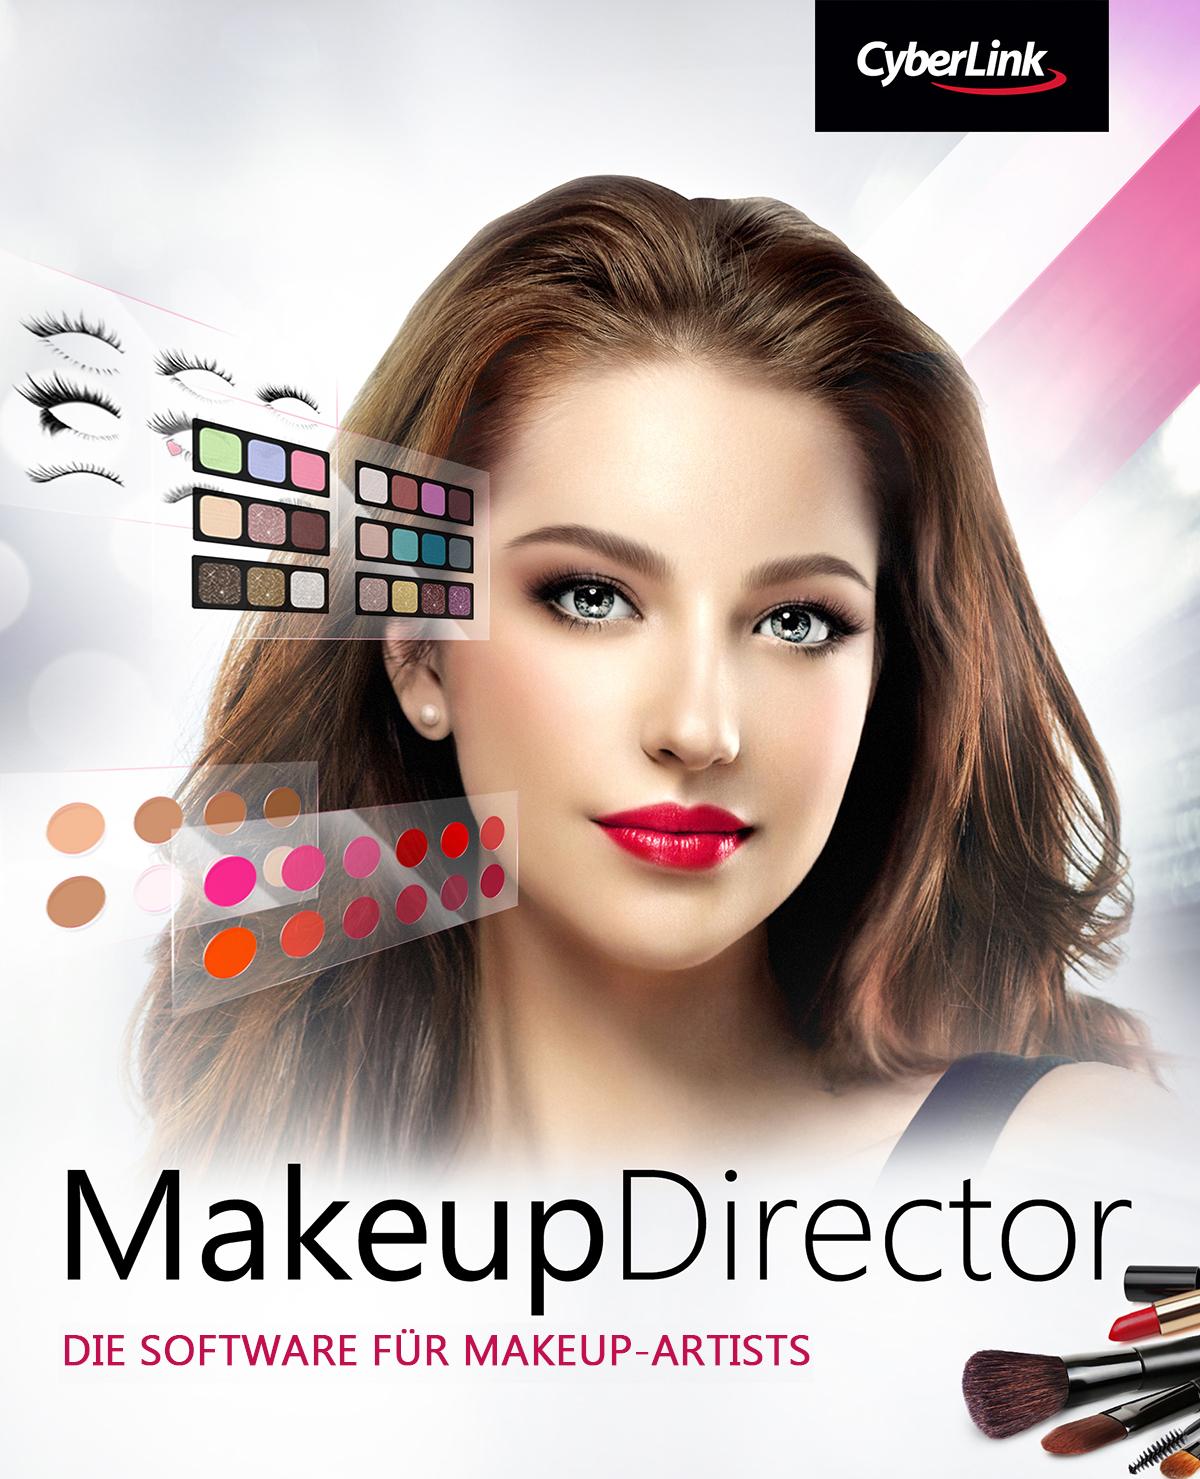 cyberlink-makeupdirector-download